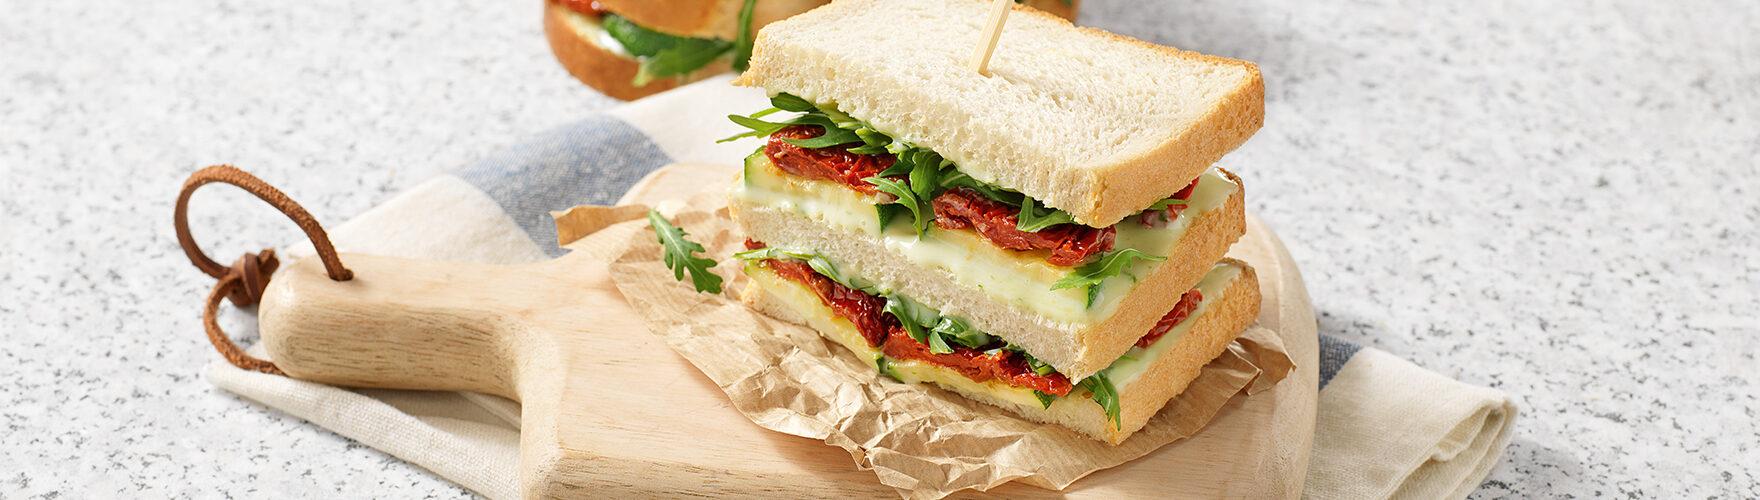 Zomerse sandwich met zongedroogde tomaten en gegrilde courgette